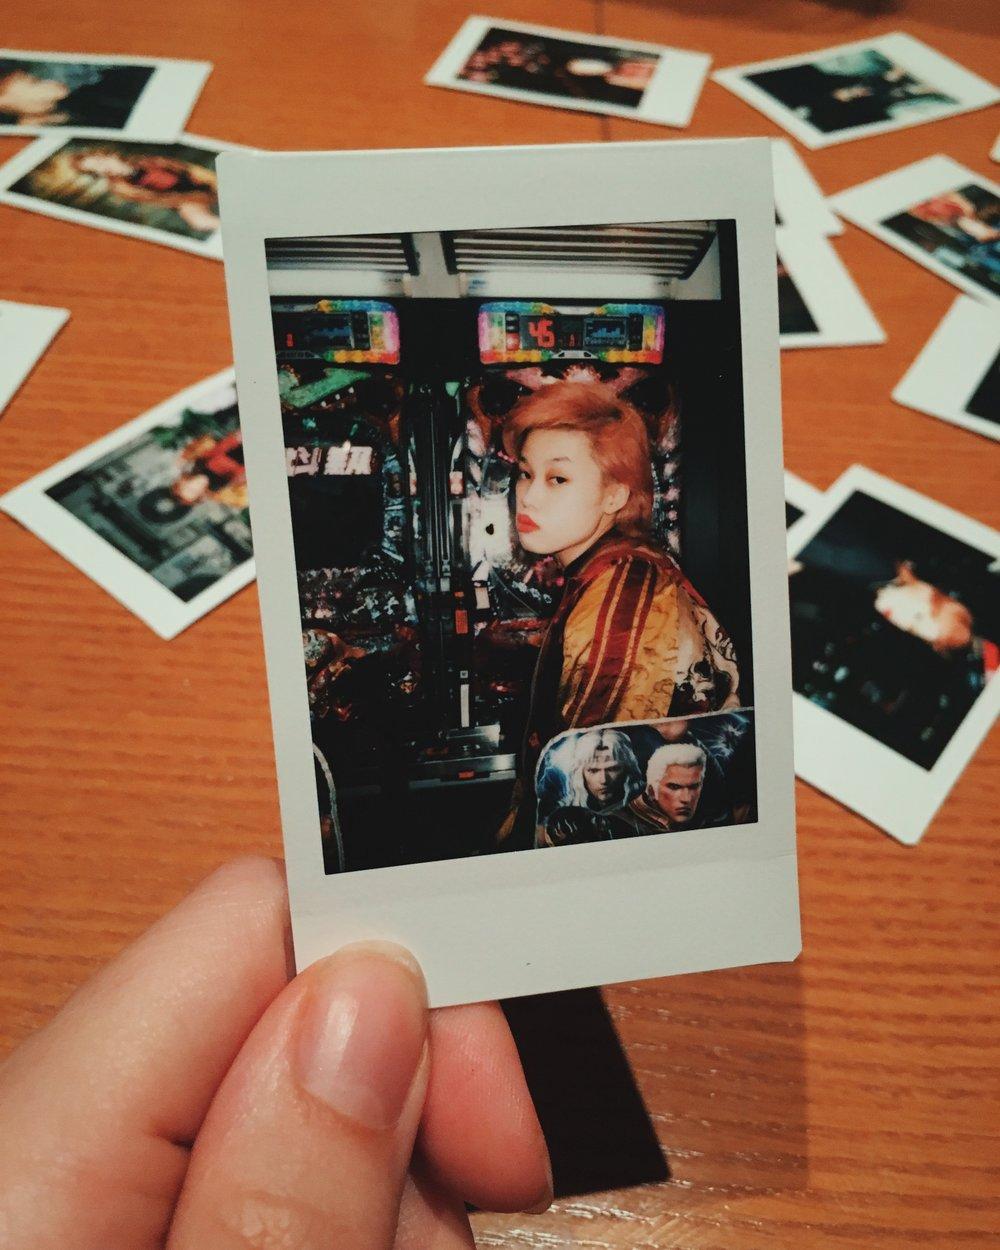 Beni at Pachinko polaroid, Tokyo